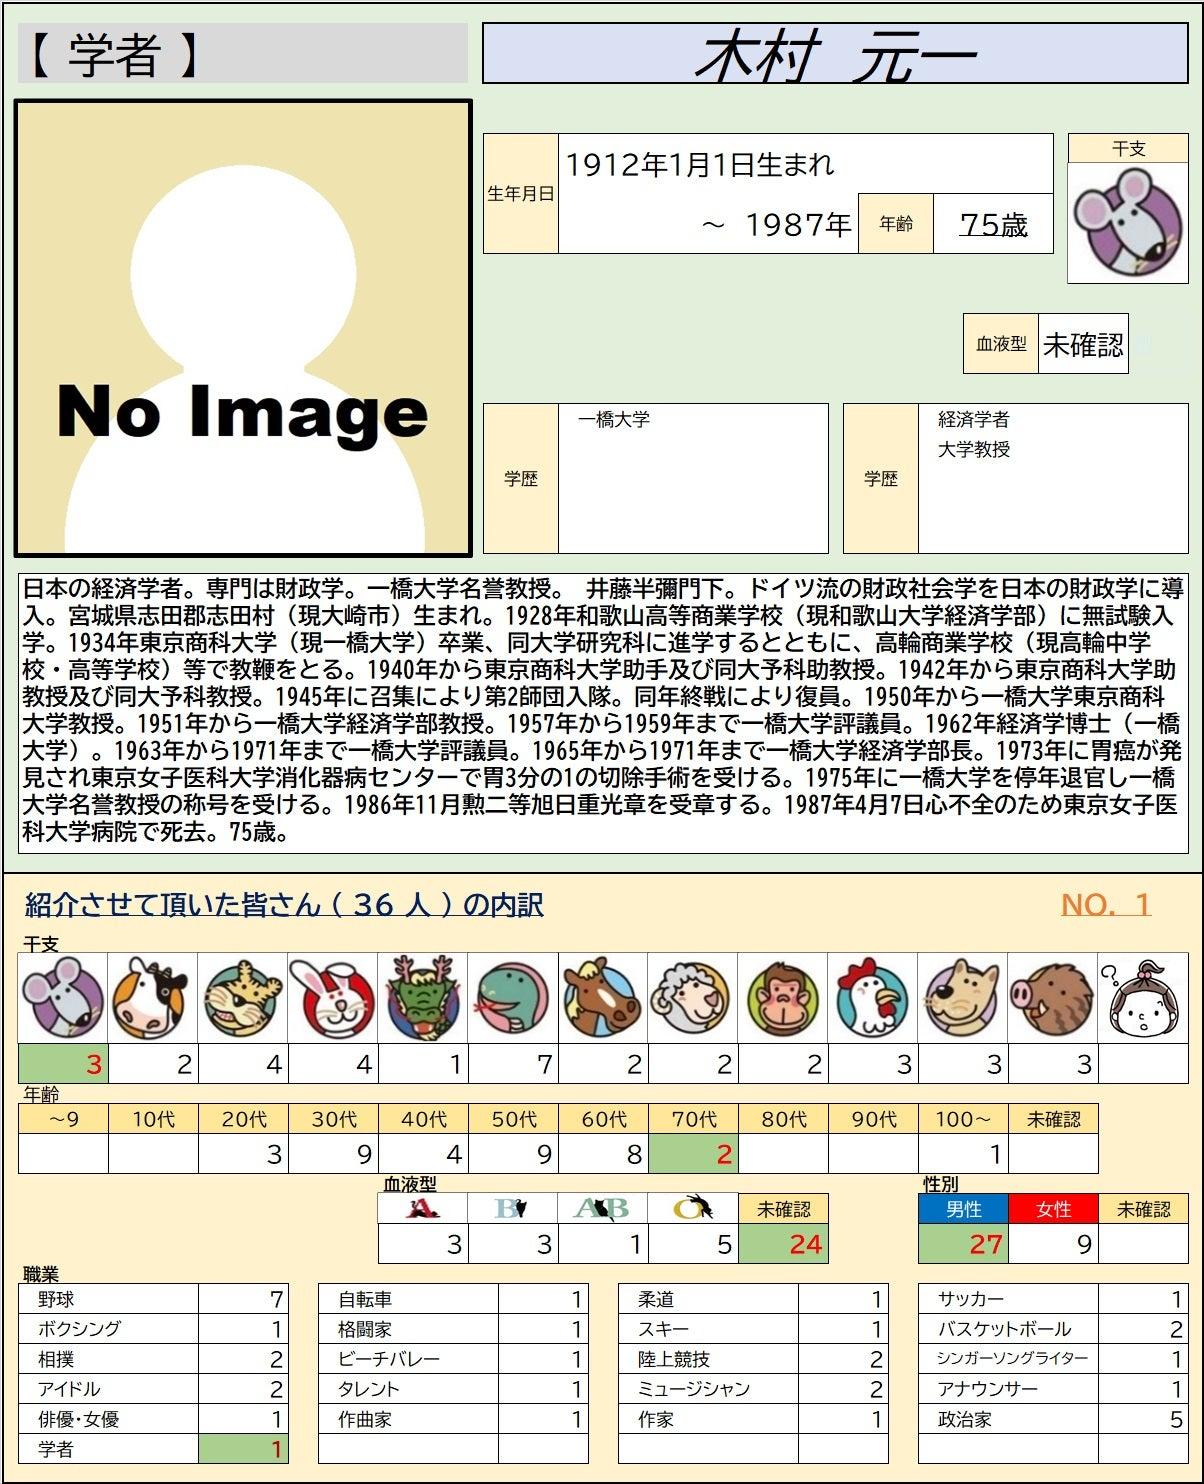 1/1【学者】木村 元一 0001 | 仙台 大好き!